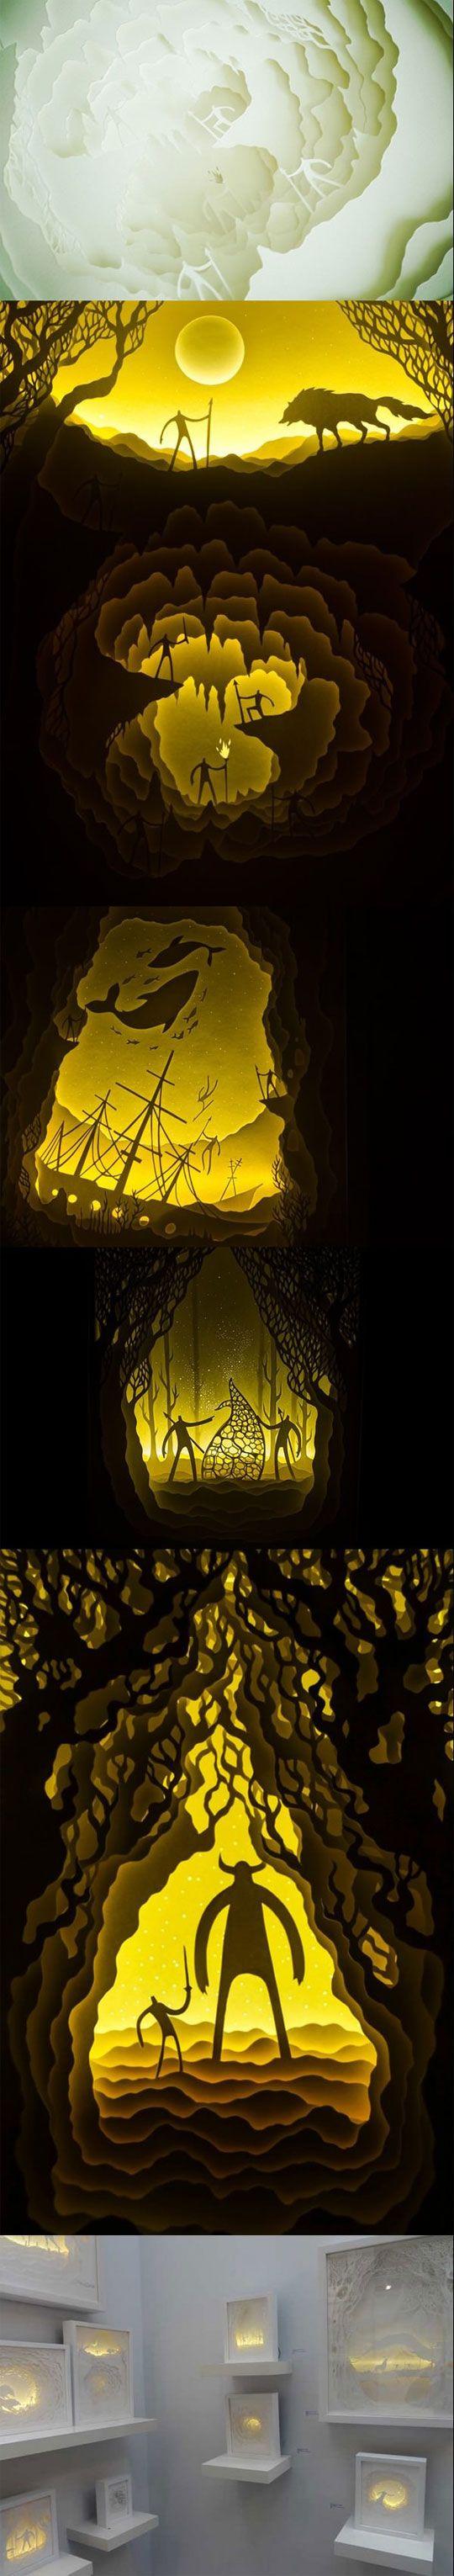 cool-paper-cut-diorama-design-light